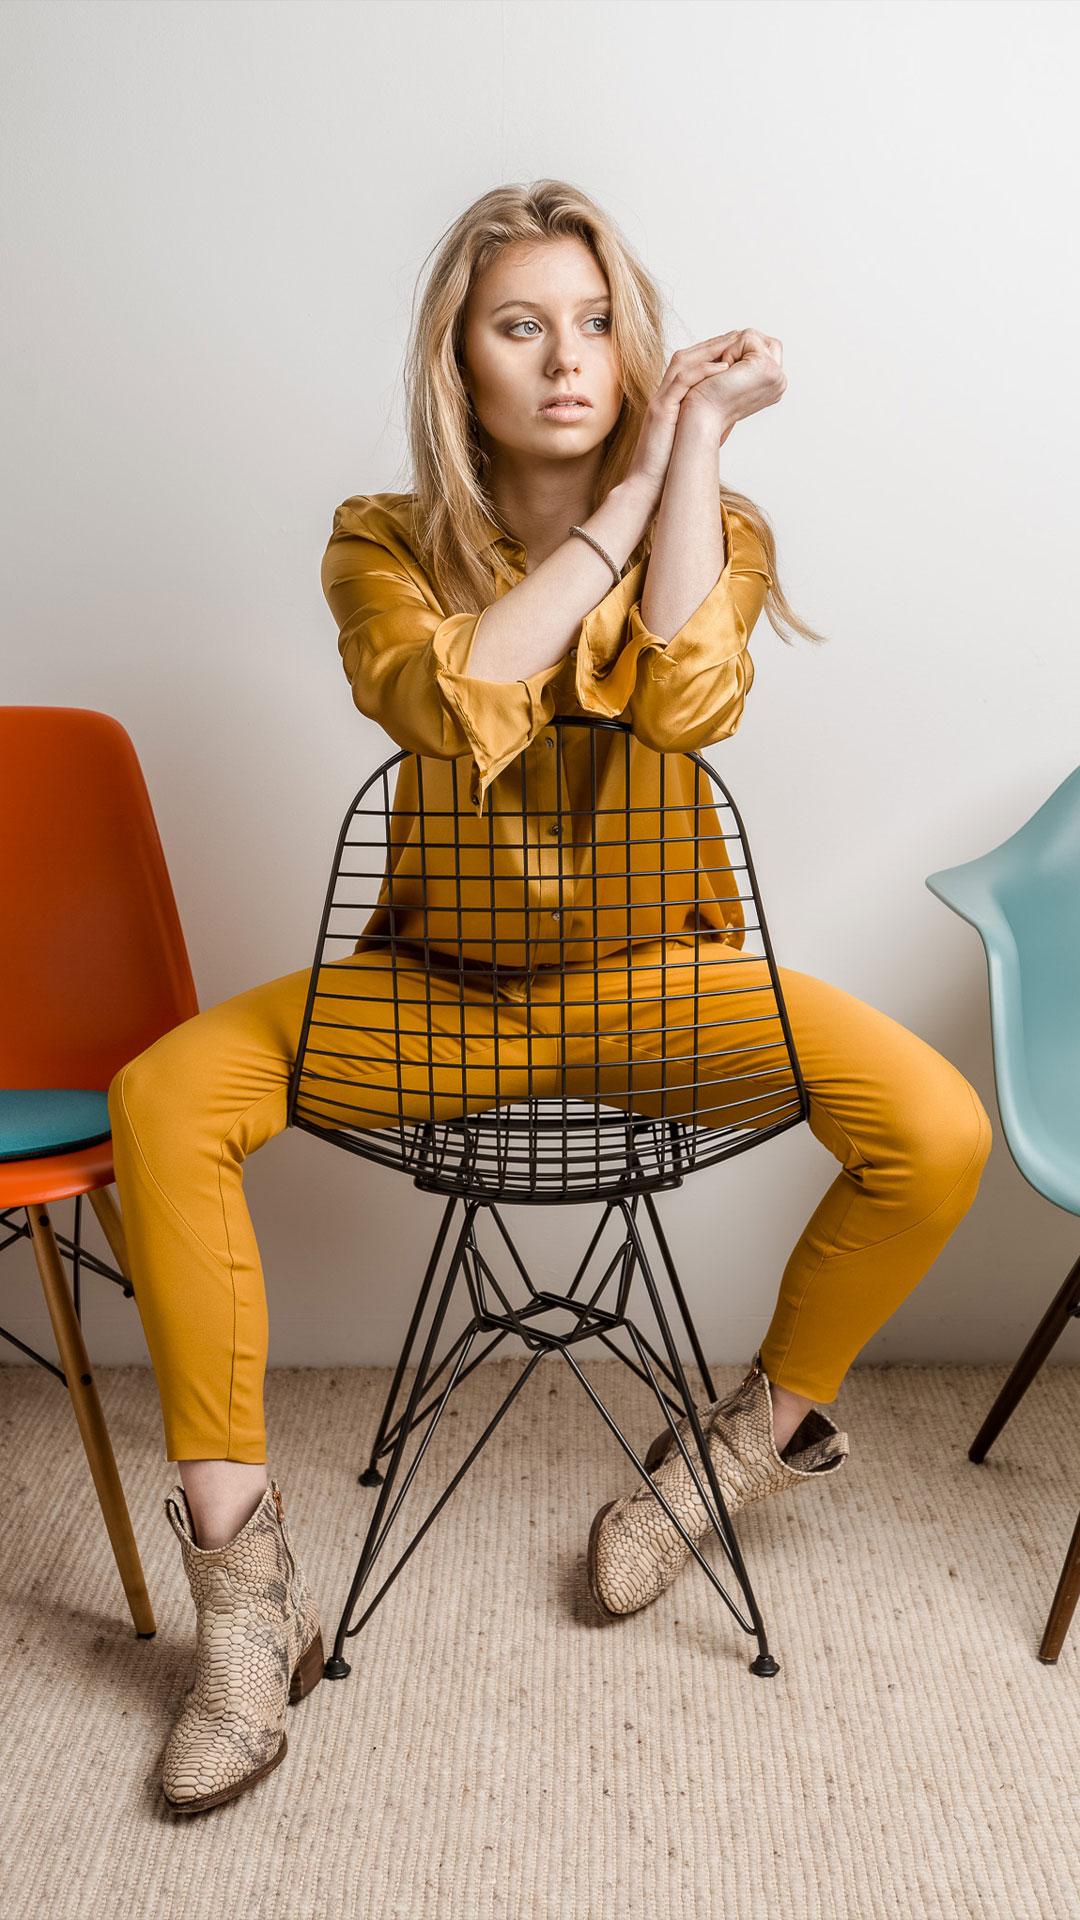 theplacetobibi-smellink-fashion-fotografie-4